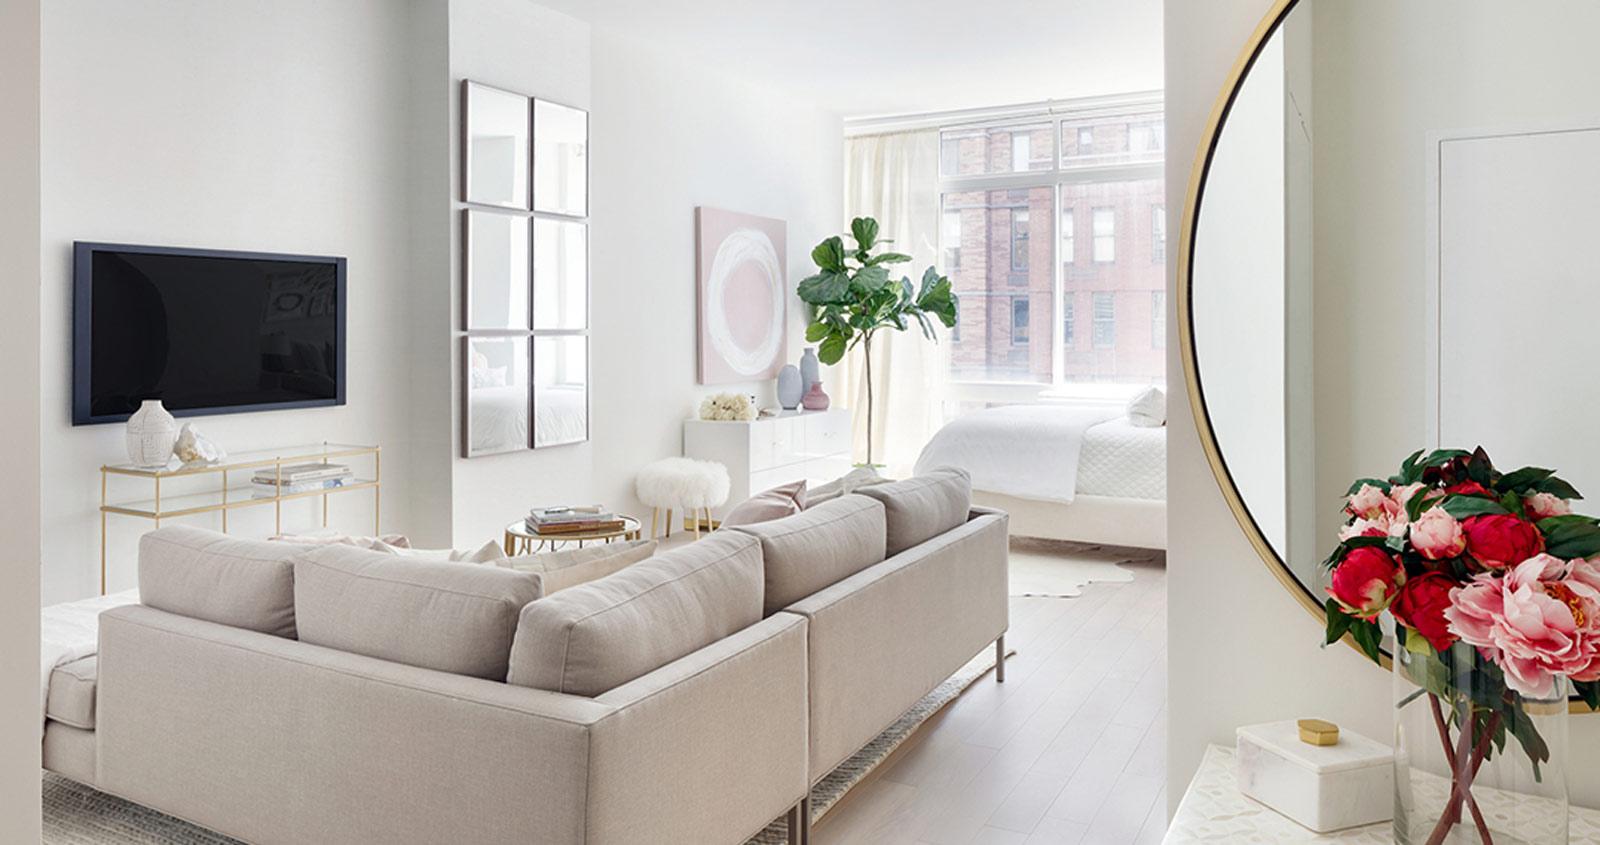 چگونه آپارتمان خود را بزرگتر جلوه دهیم؟!